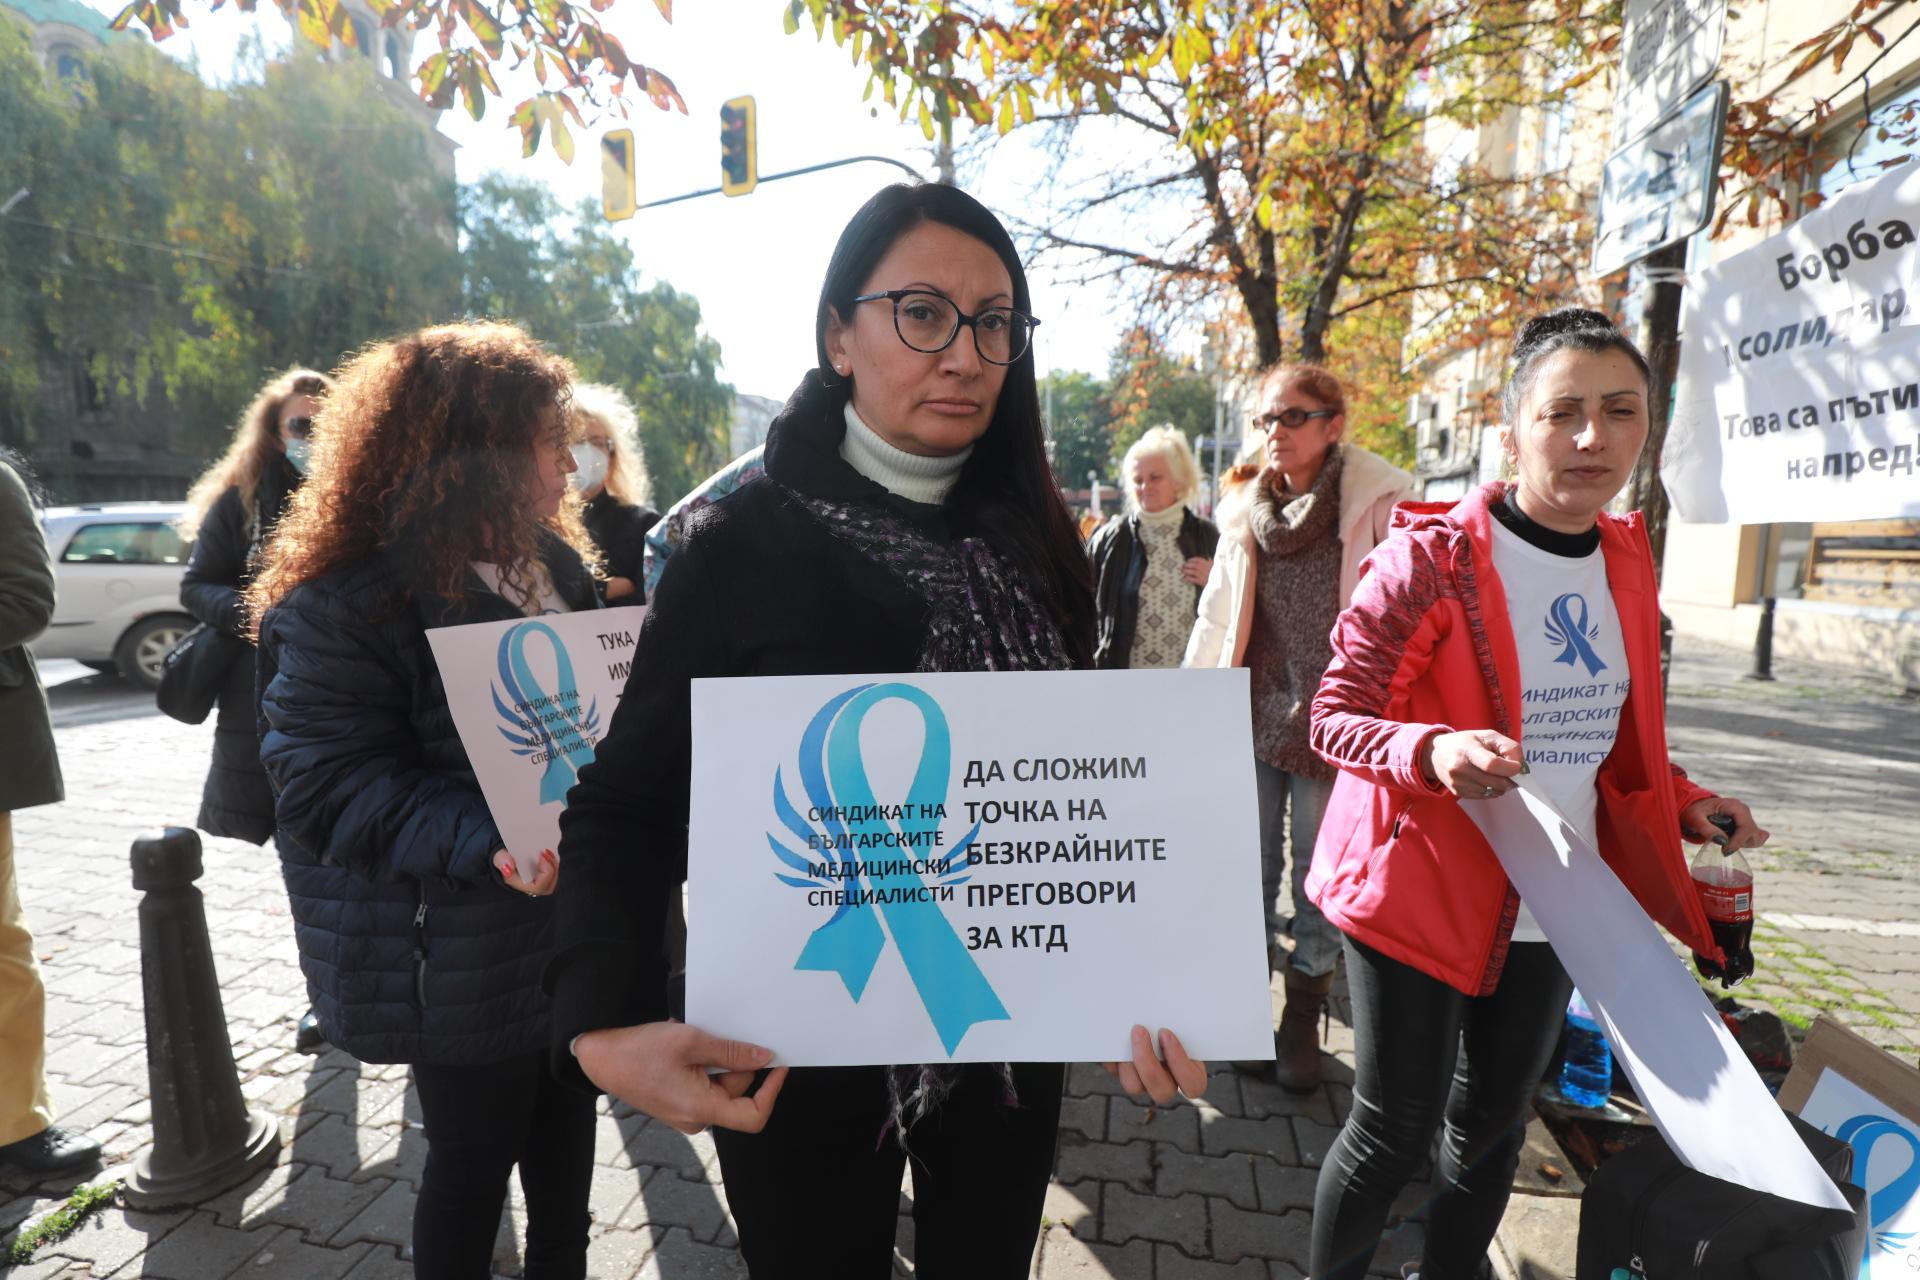 Протестната демонстрация е организирана от Синдиката на българските медицински специалисти, а целта ѝ вниманието на обществото да бъде насочено към редицата проблеми, съществуващи от години в този сектор, основният сред които е ниското заплащане.